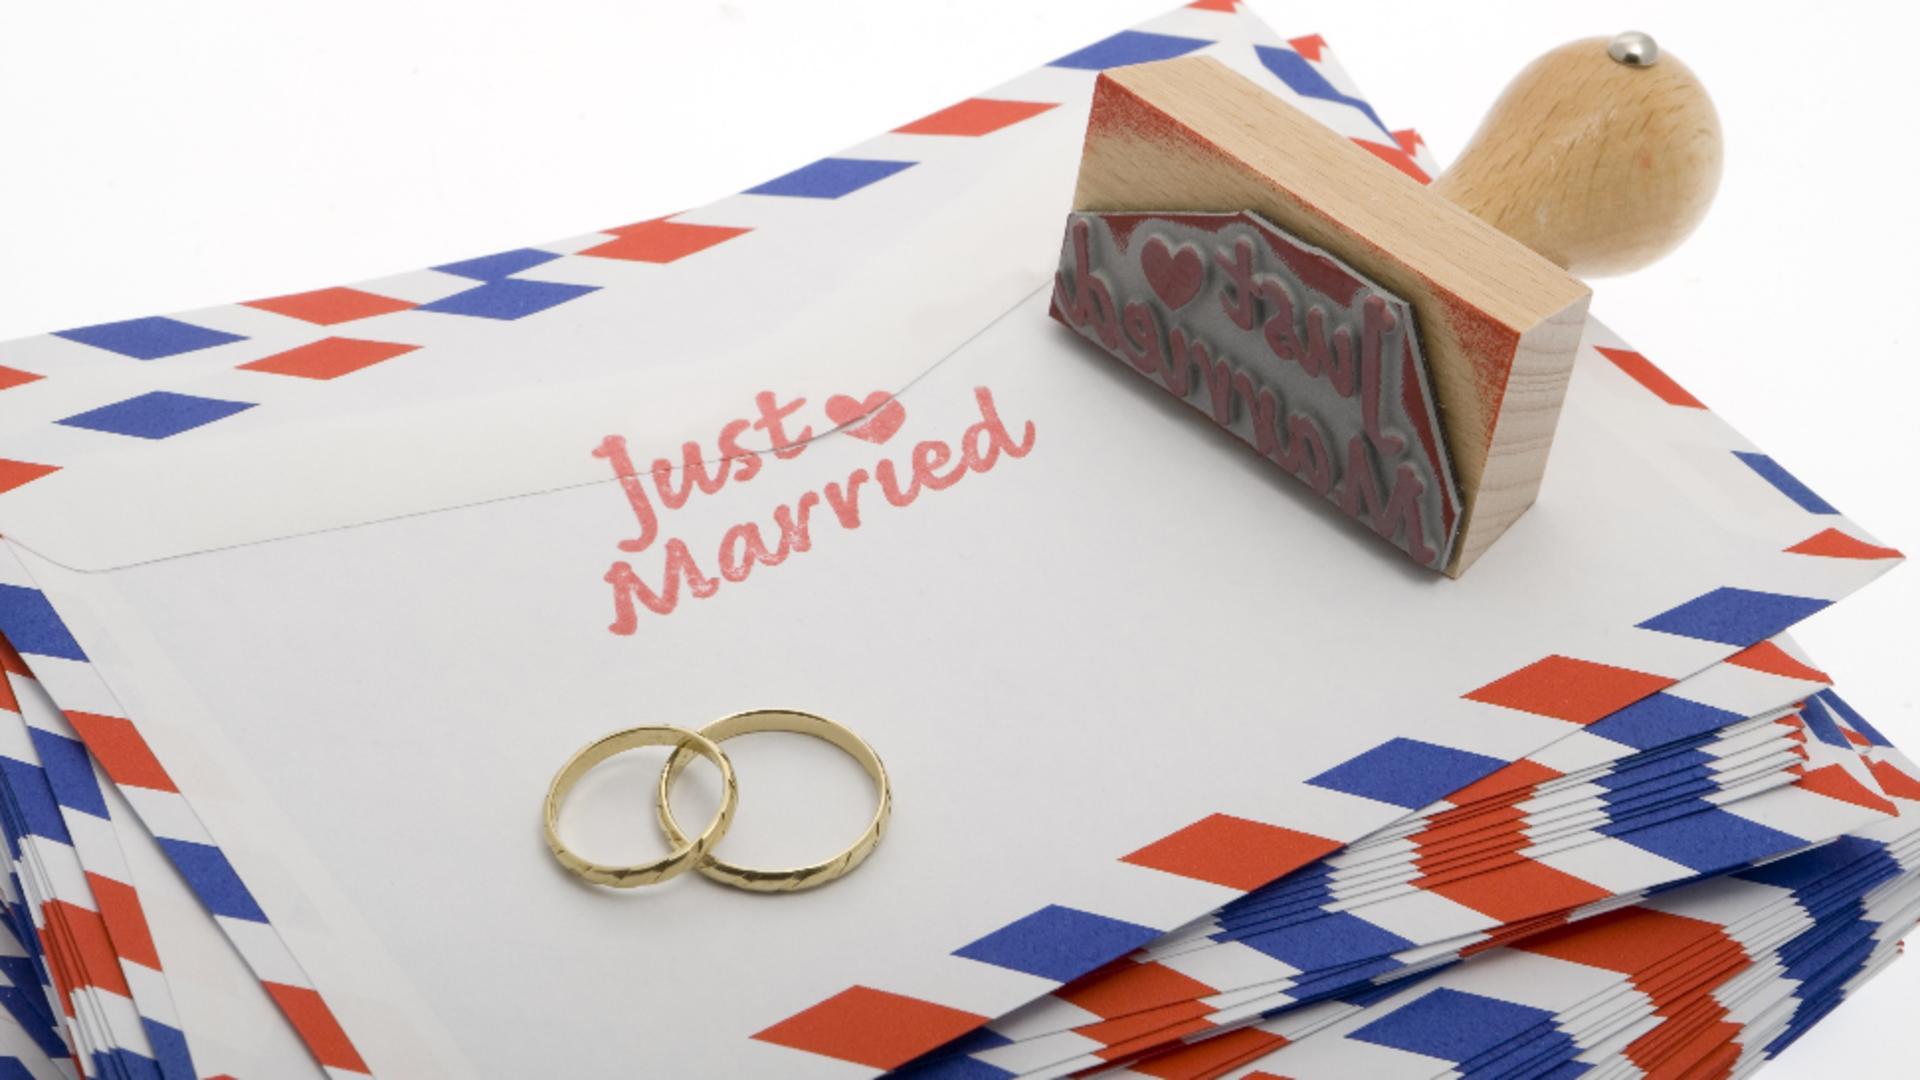 S-au răzbunat pe cei care n-au venit la nuntă. Foto/Profimedia